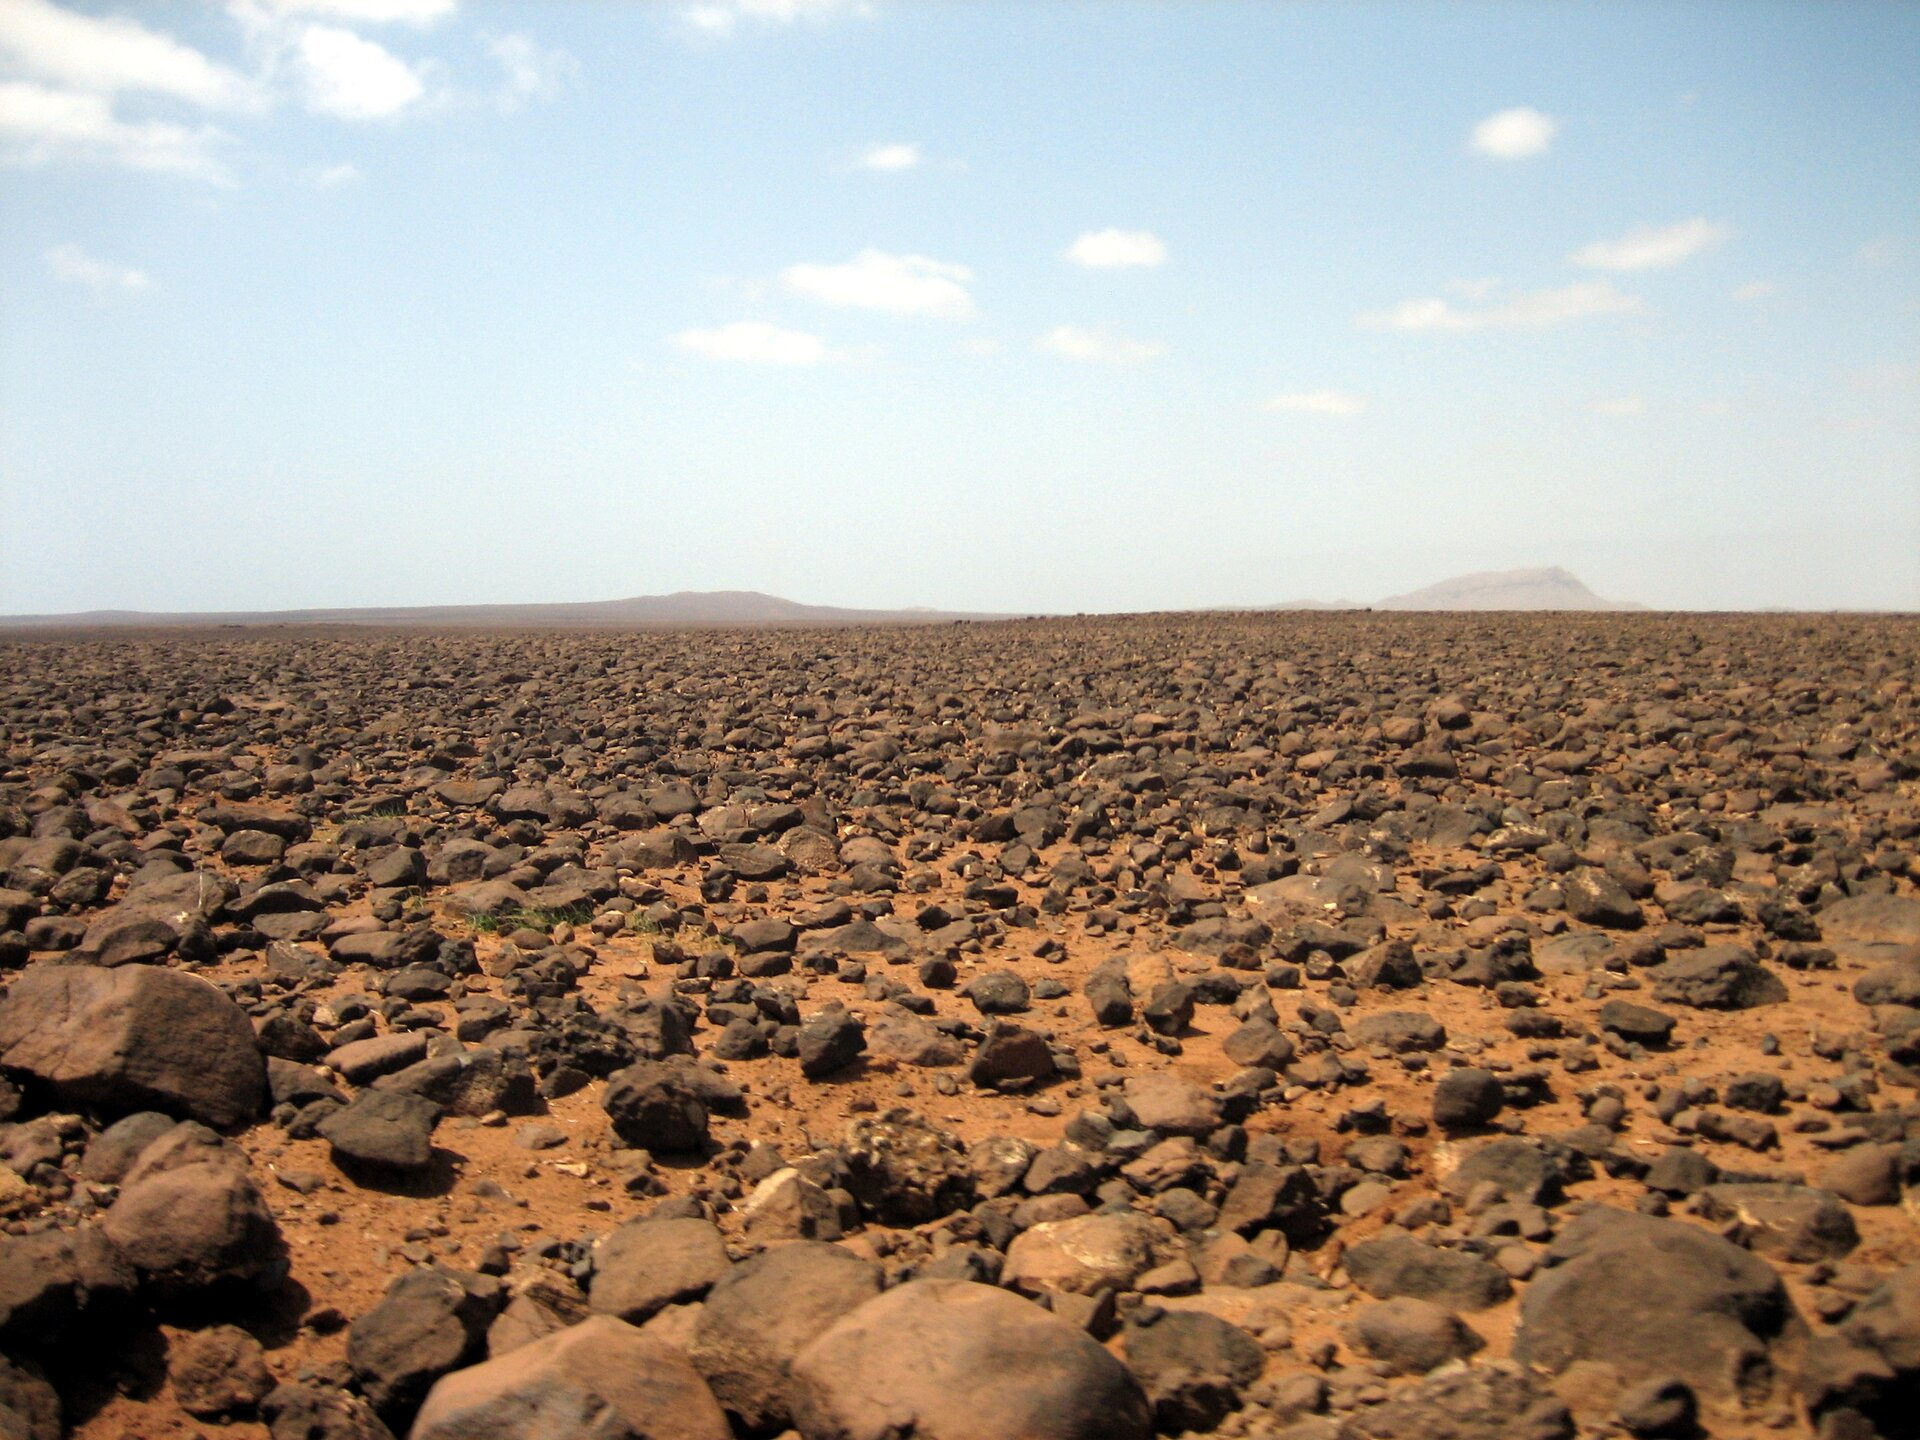 Na zdjęciu pustynia kamienista. Teren płaski, na ceglastym piasku leżą kamienie różnej wielkości. Na horyzoncie pasmo gór. Niebieskie niebo, białe chmury.